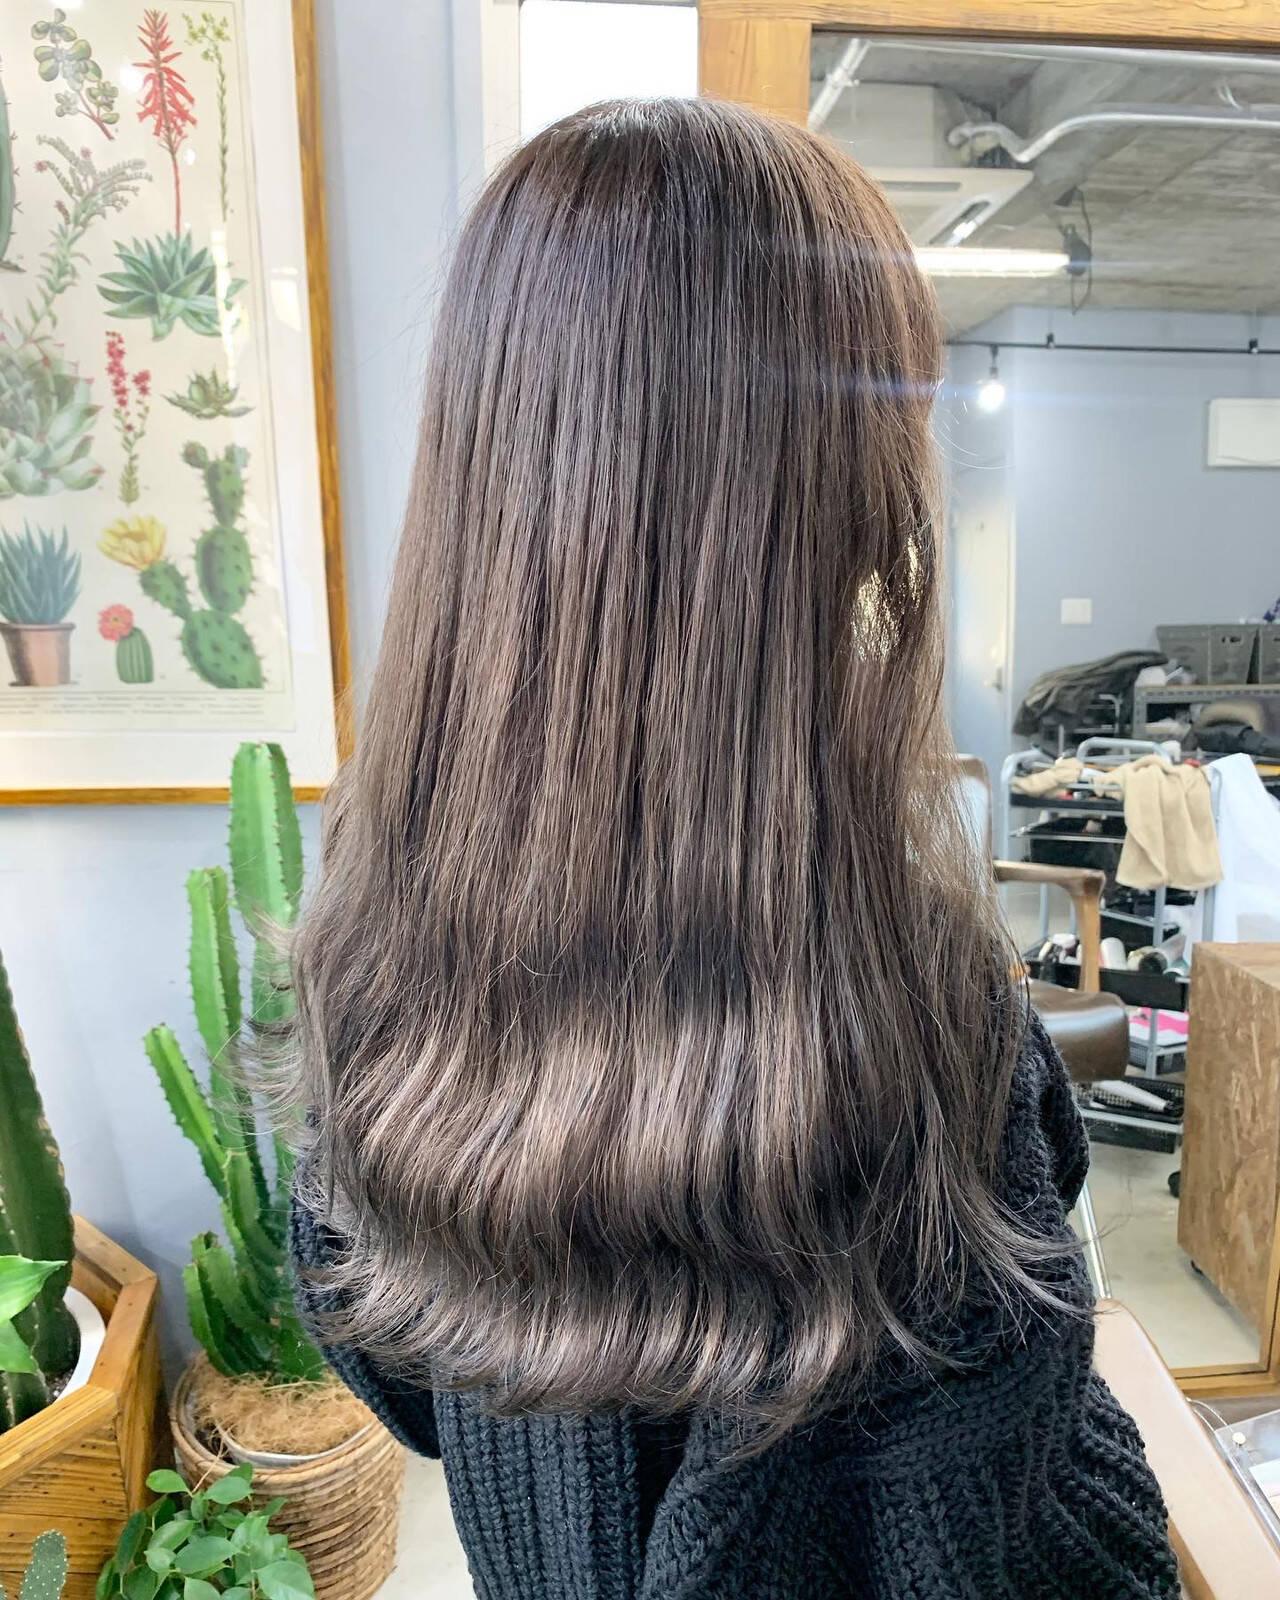 カーキアッシュ ナチュラル オリーブアッシュ オリーブカラーヘアスタイルや髪型の写真・画像